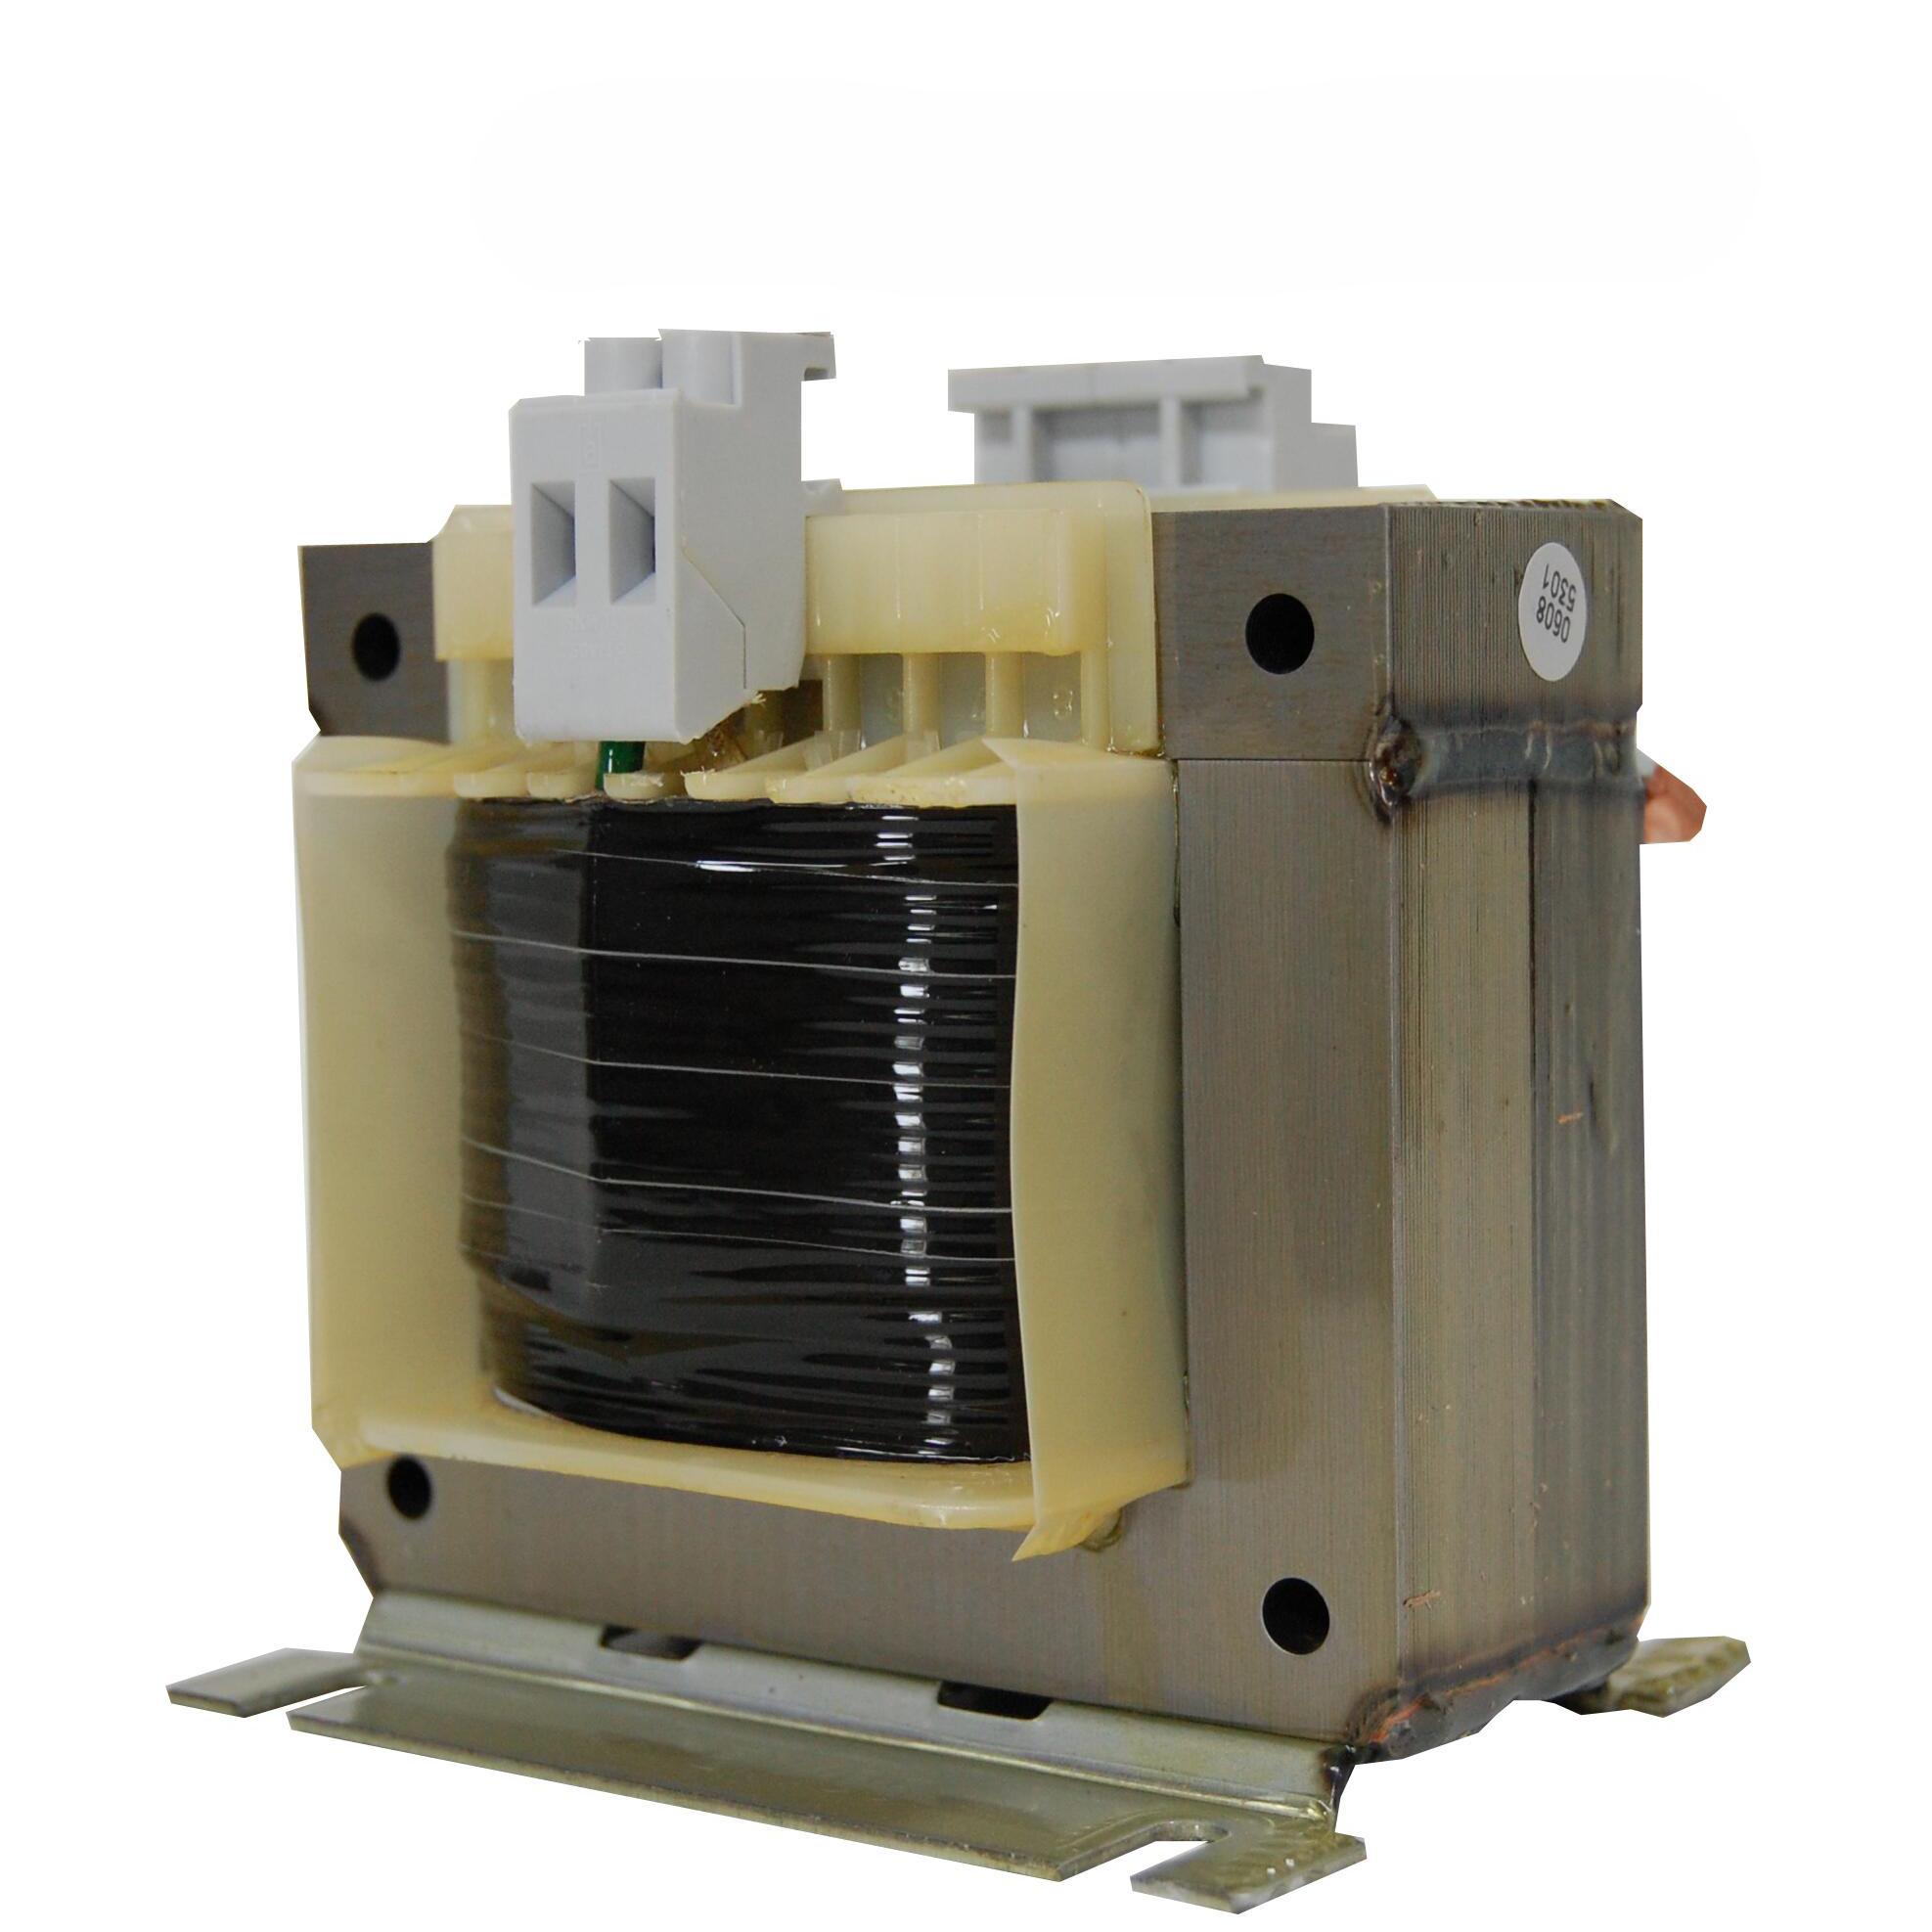 1 Stk Einphasen Steuertransformator 400/230V, 60VA, IP00 LP604006T-